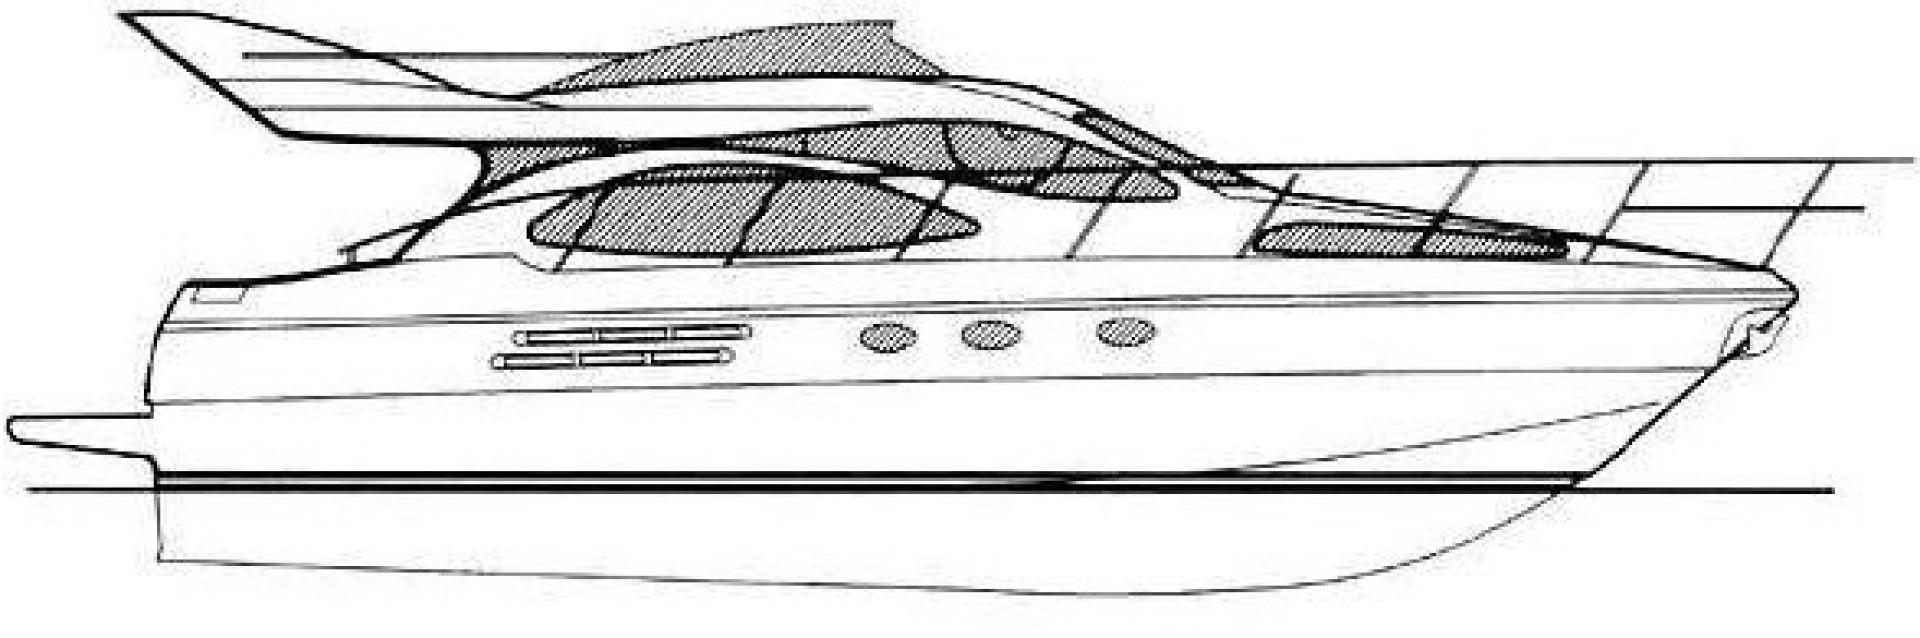 Azimut-Flybridge Motor Yacht 2000 -Boca Raton-Florida-United States-1564103 | Thumbnail